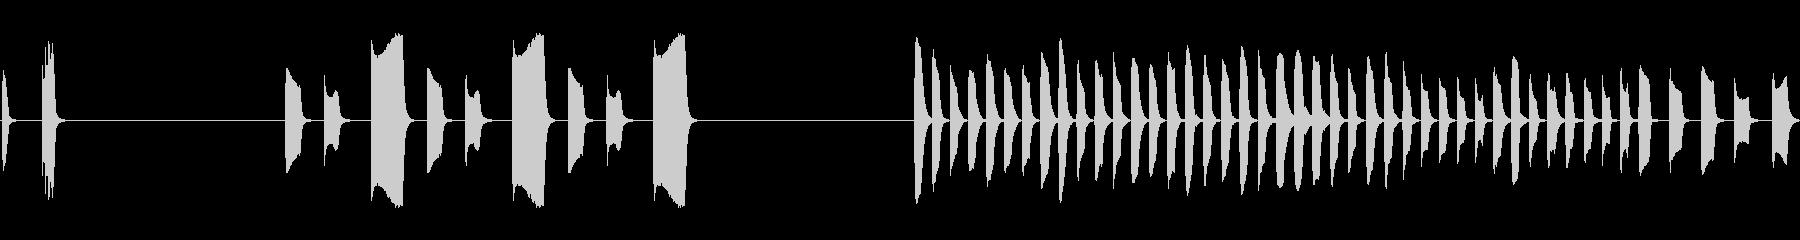 スペースソナー:メタルビープ音、2...の未再生の波形